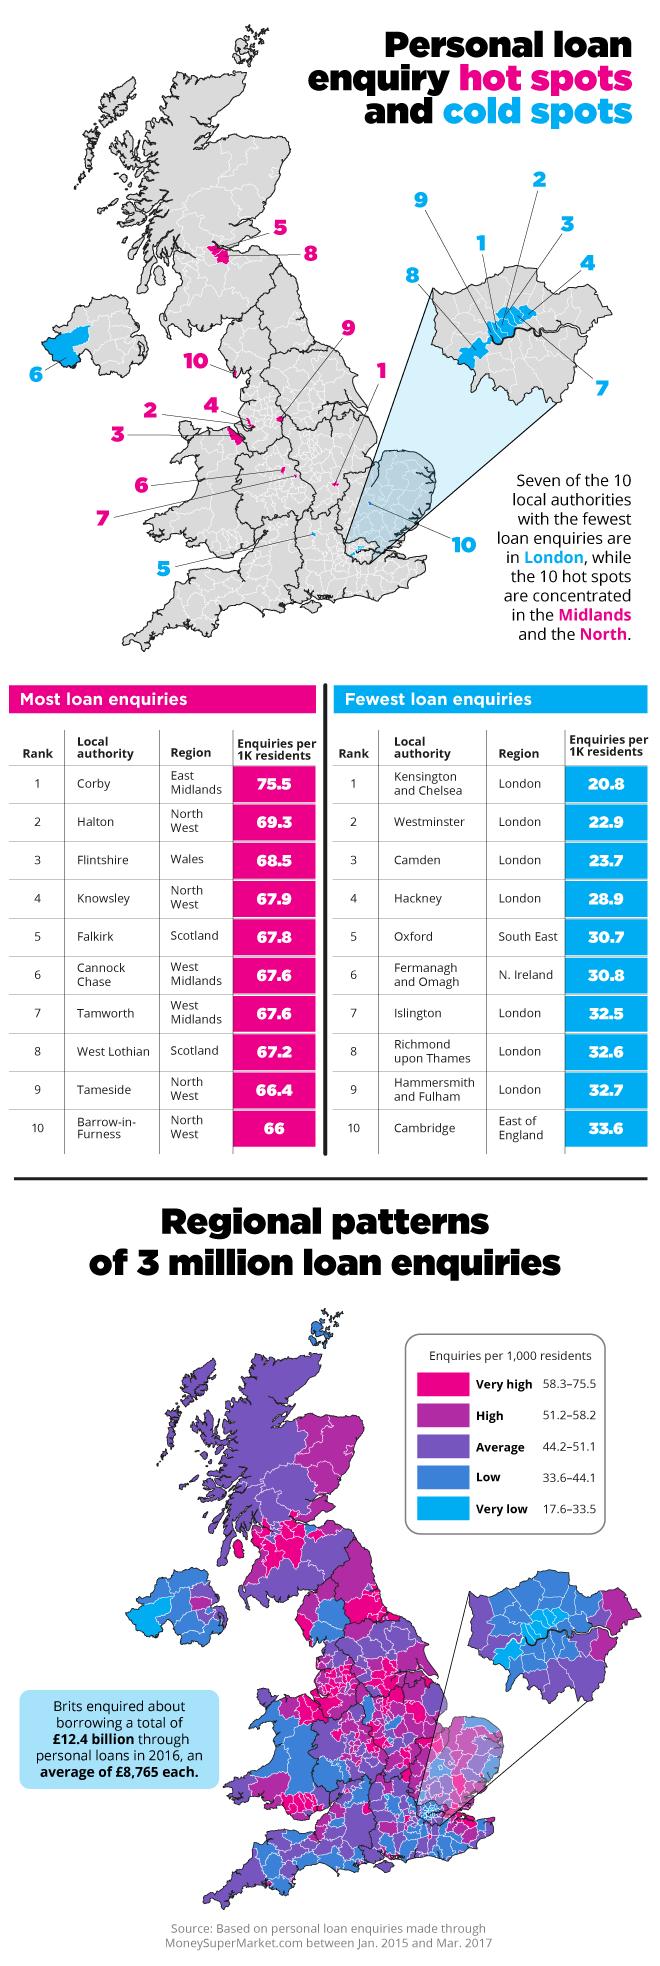 Personal loan spots in the UK